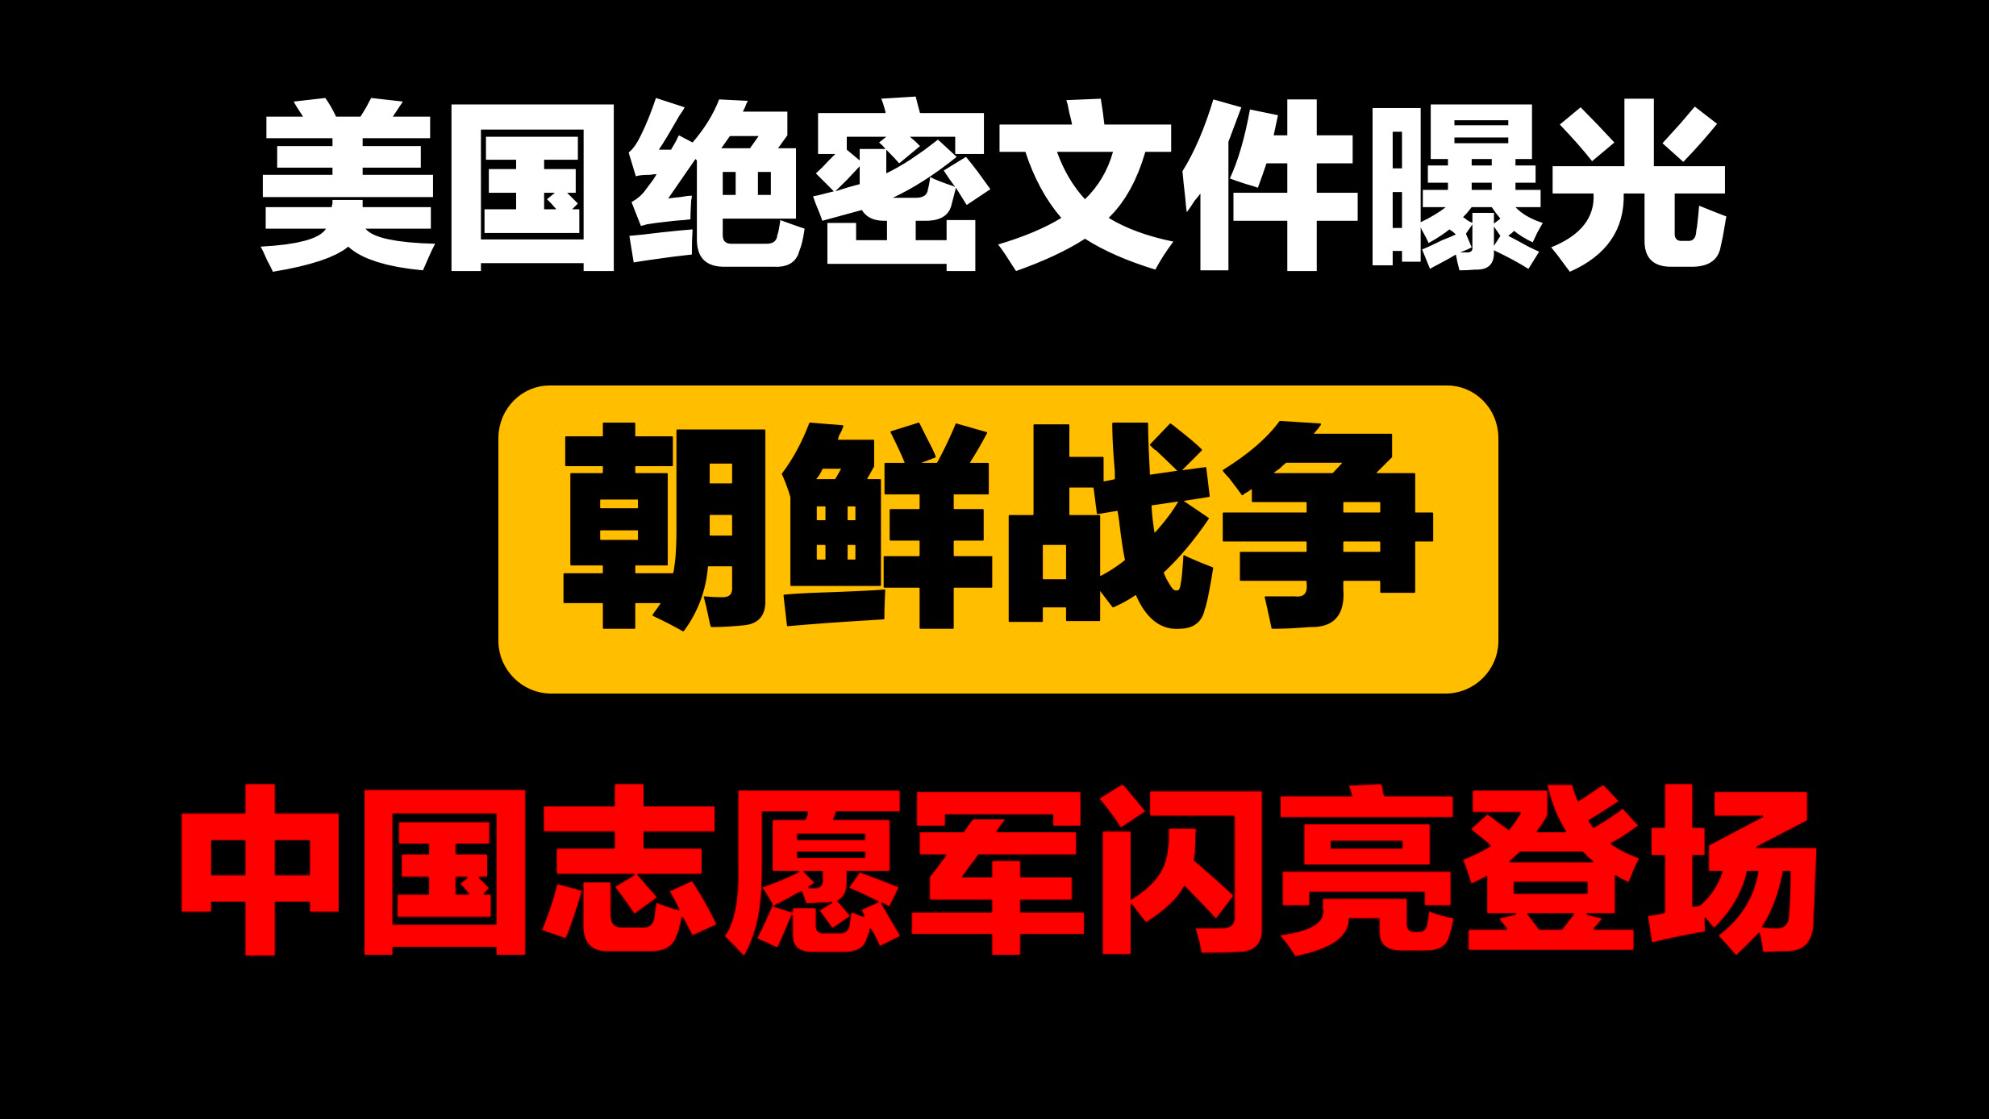 雄赳赳气昂昂跨过鸭绿江,中国志愿军如何重创联合国军?